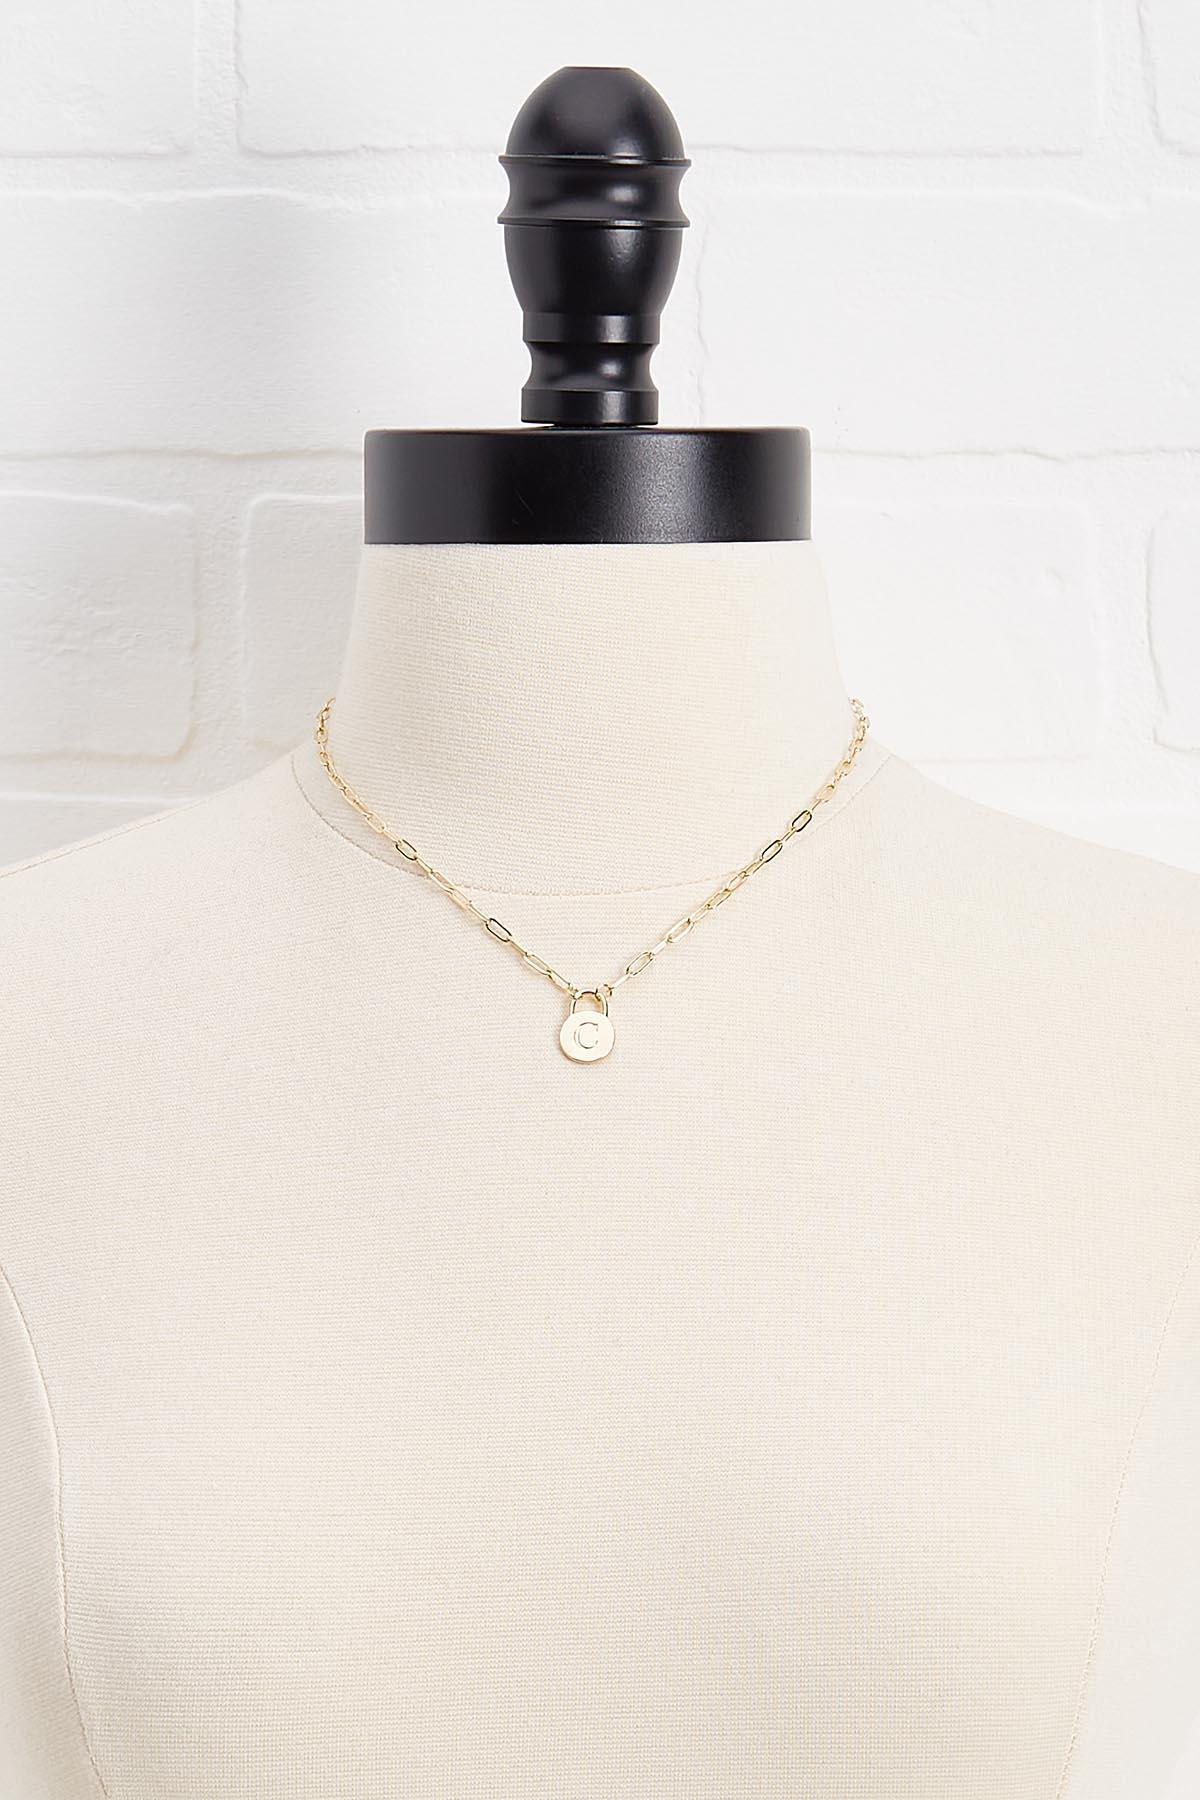 18k C Pendant Necklace